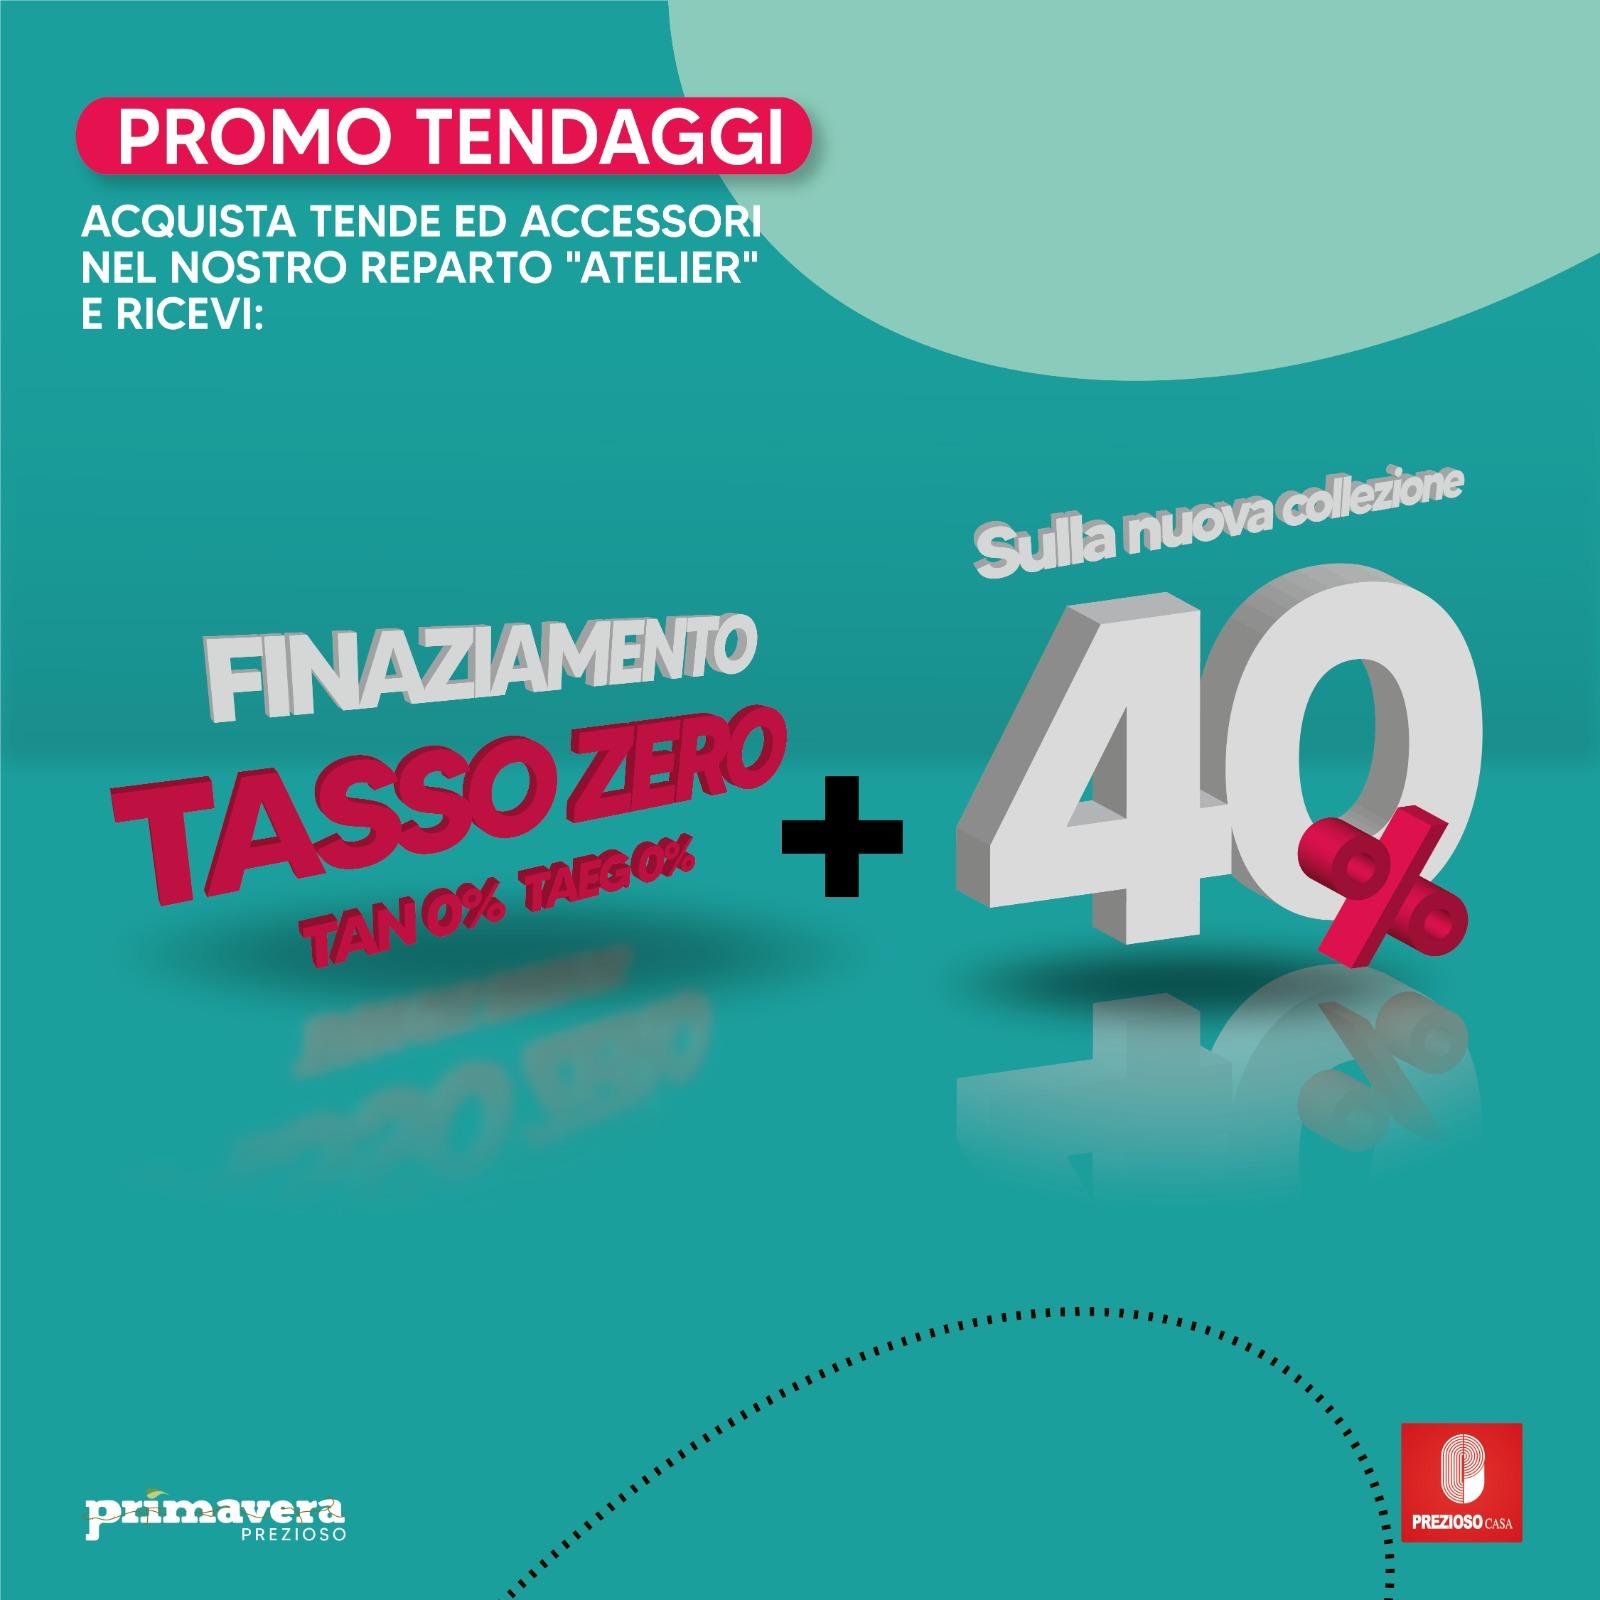 Promo Tendaggi